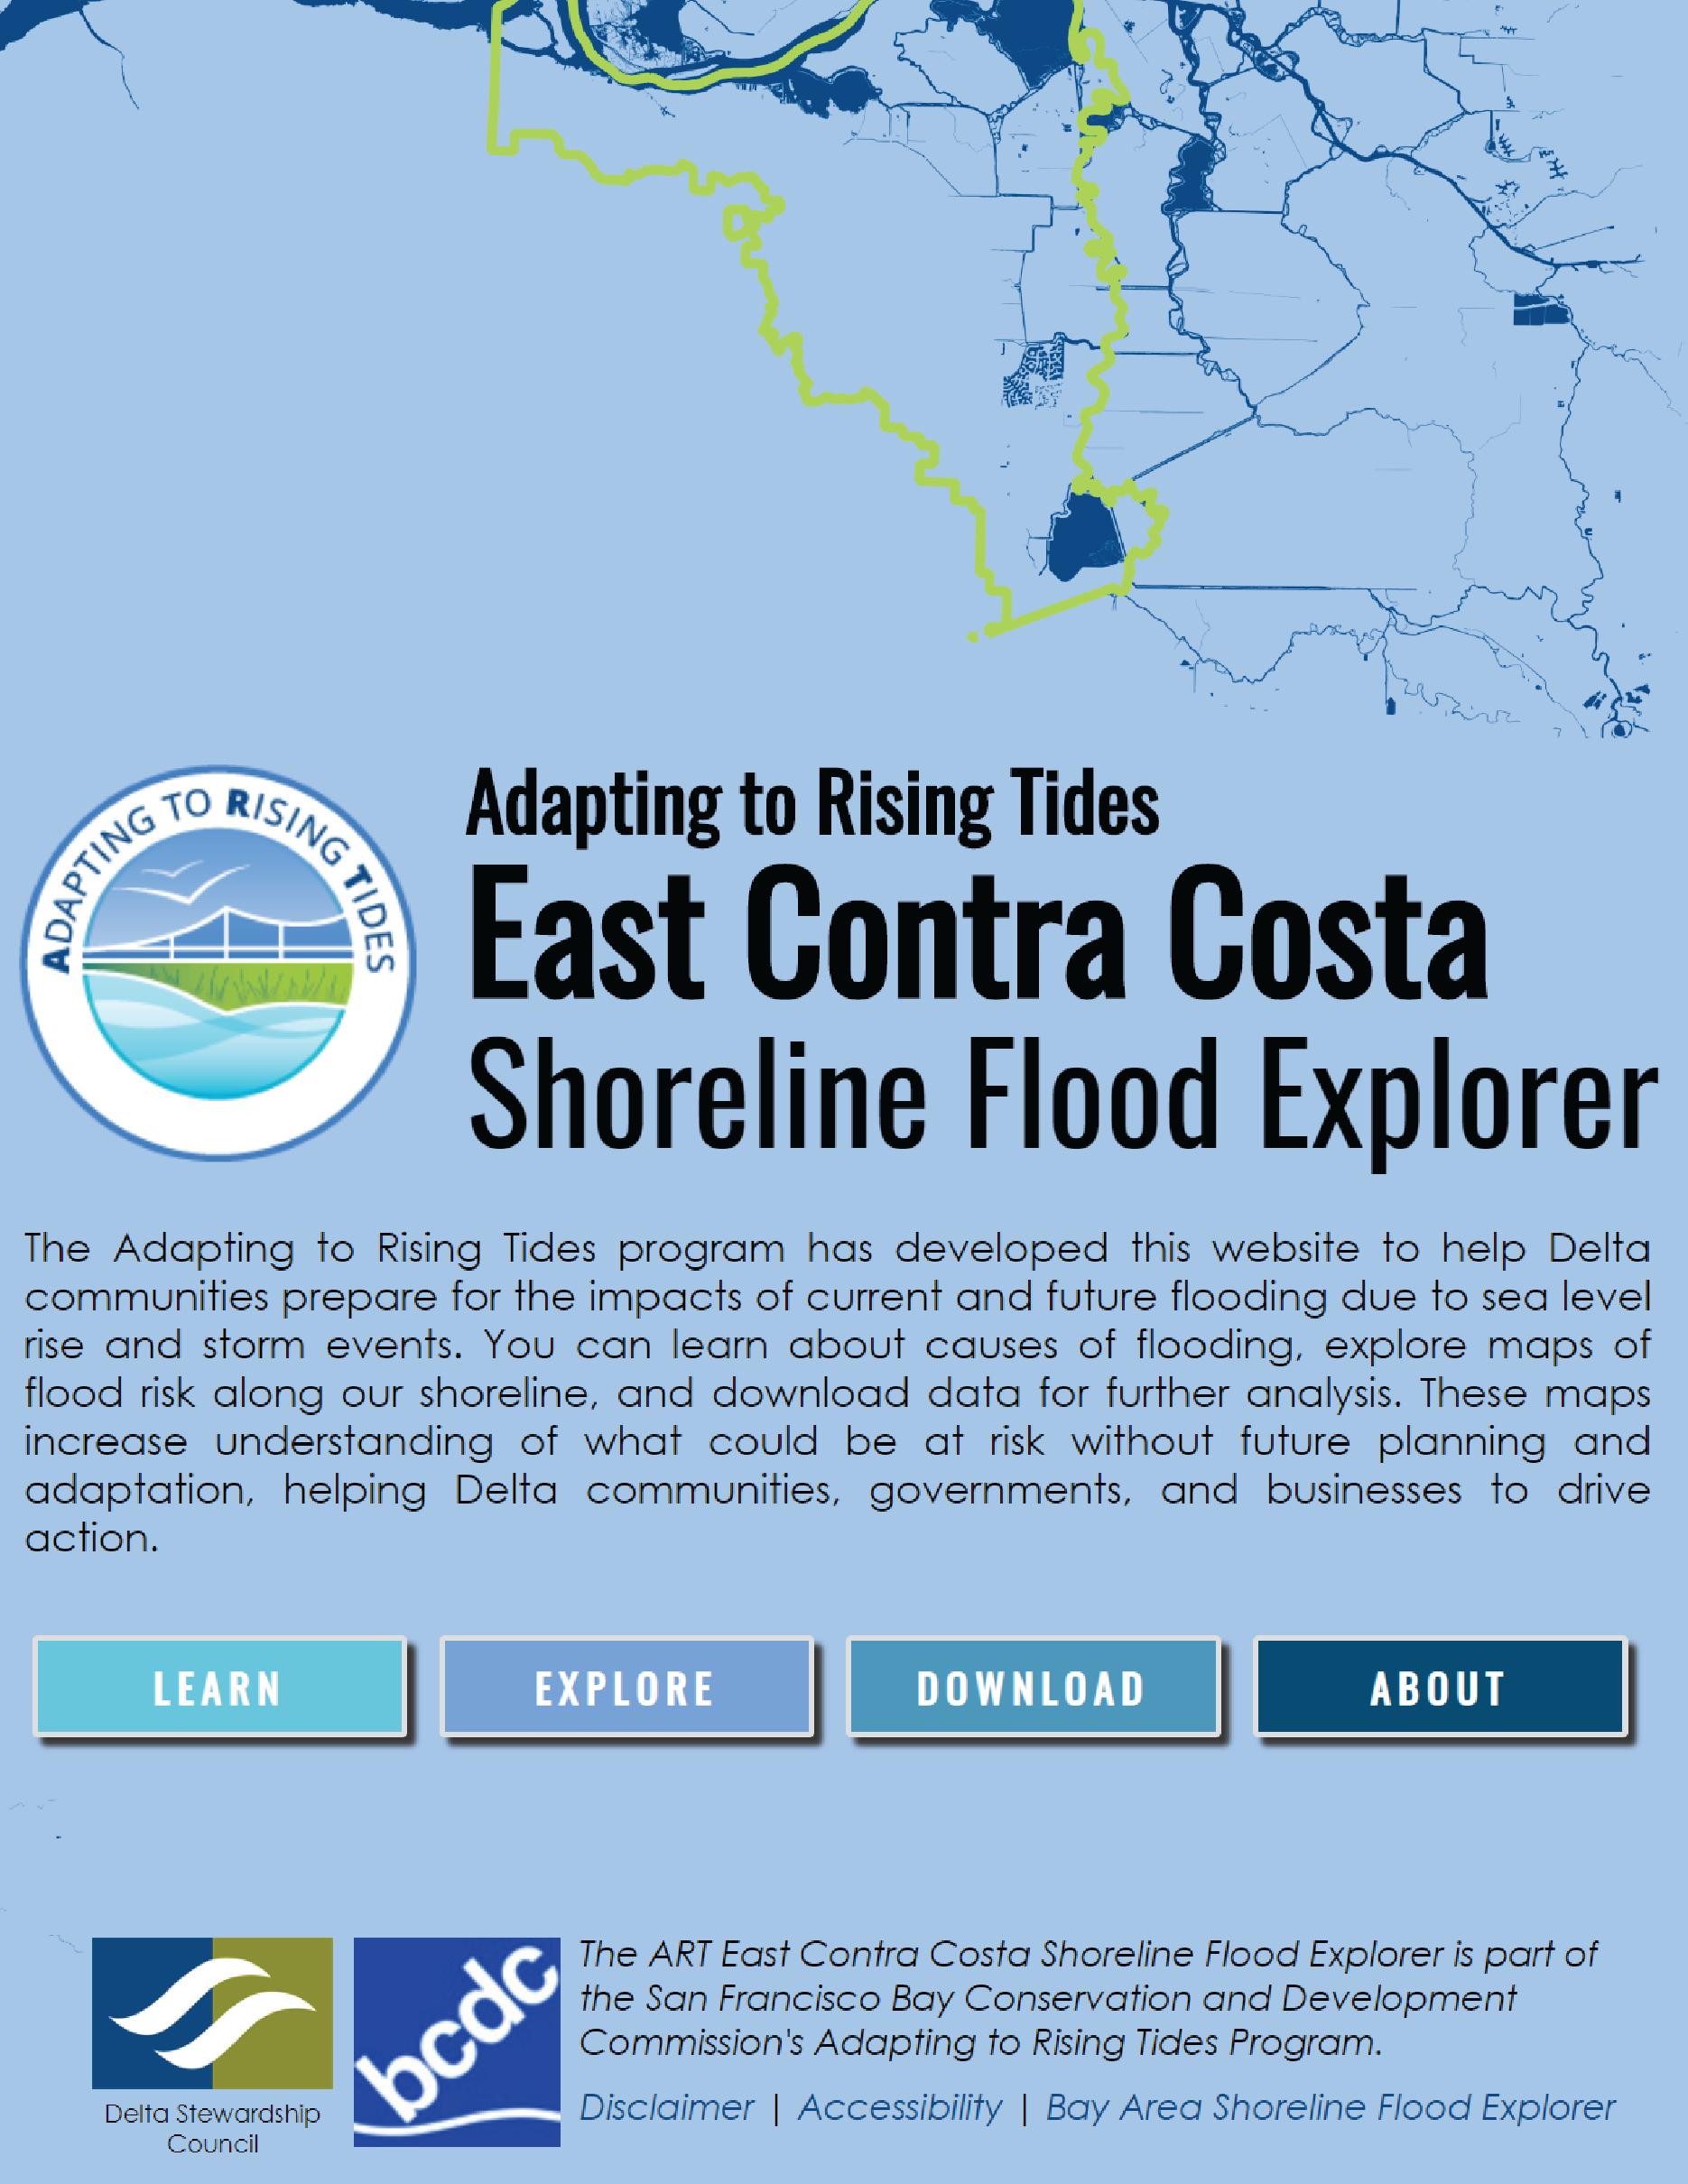 East Contra Costa Shoreline Flood Explorer